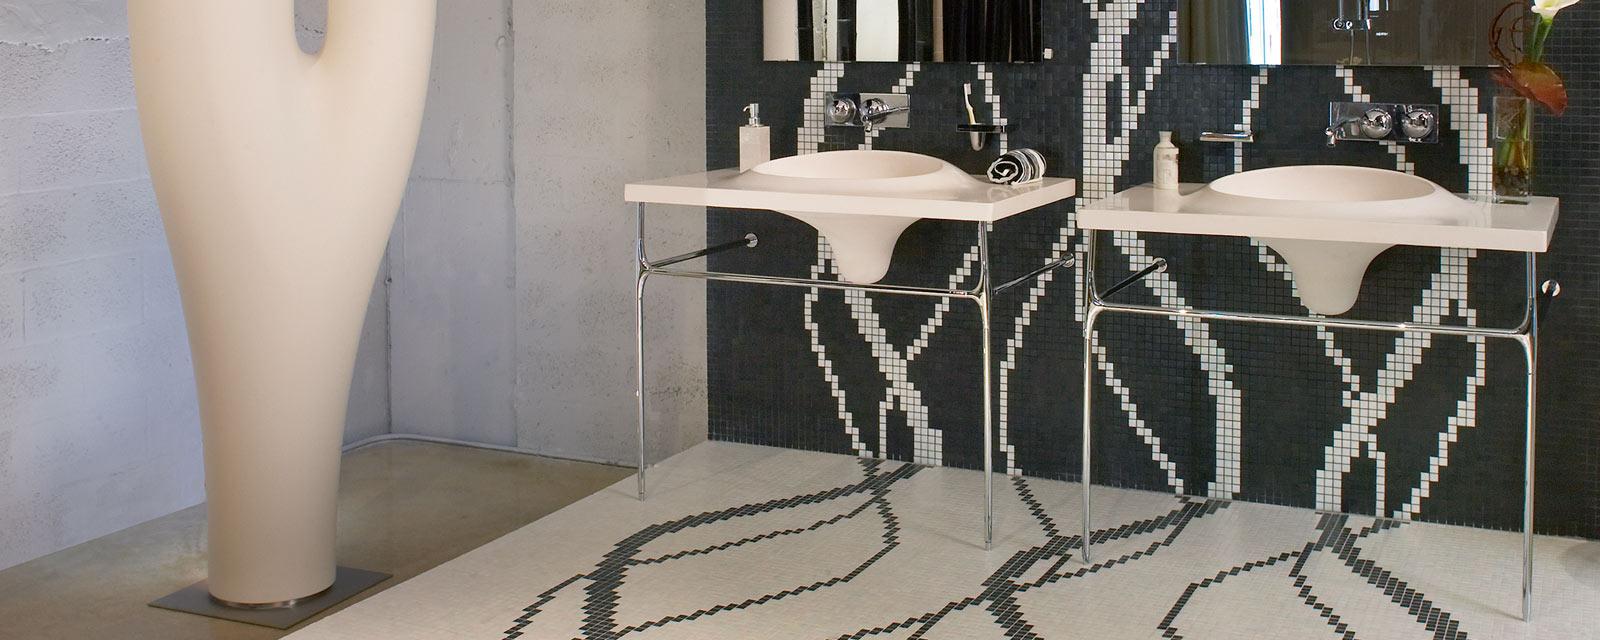 Mosaïque salle de bain : idées déco | Guide Artisan